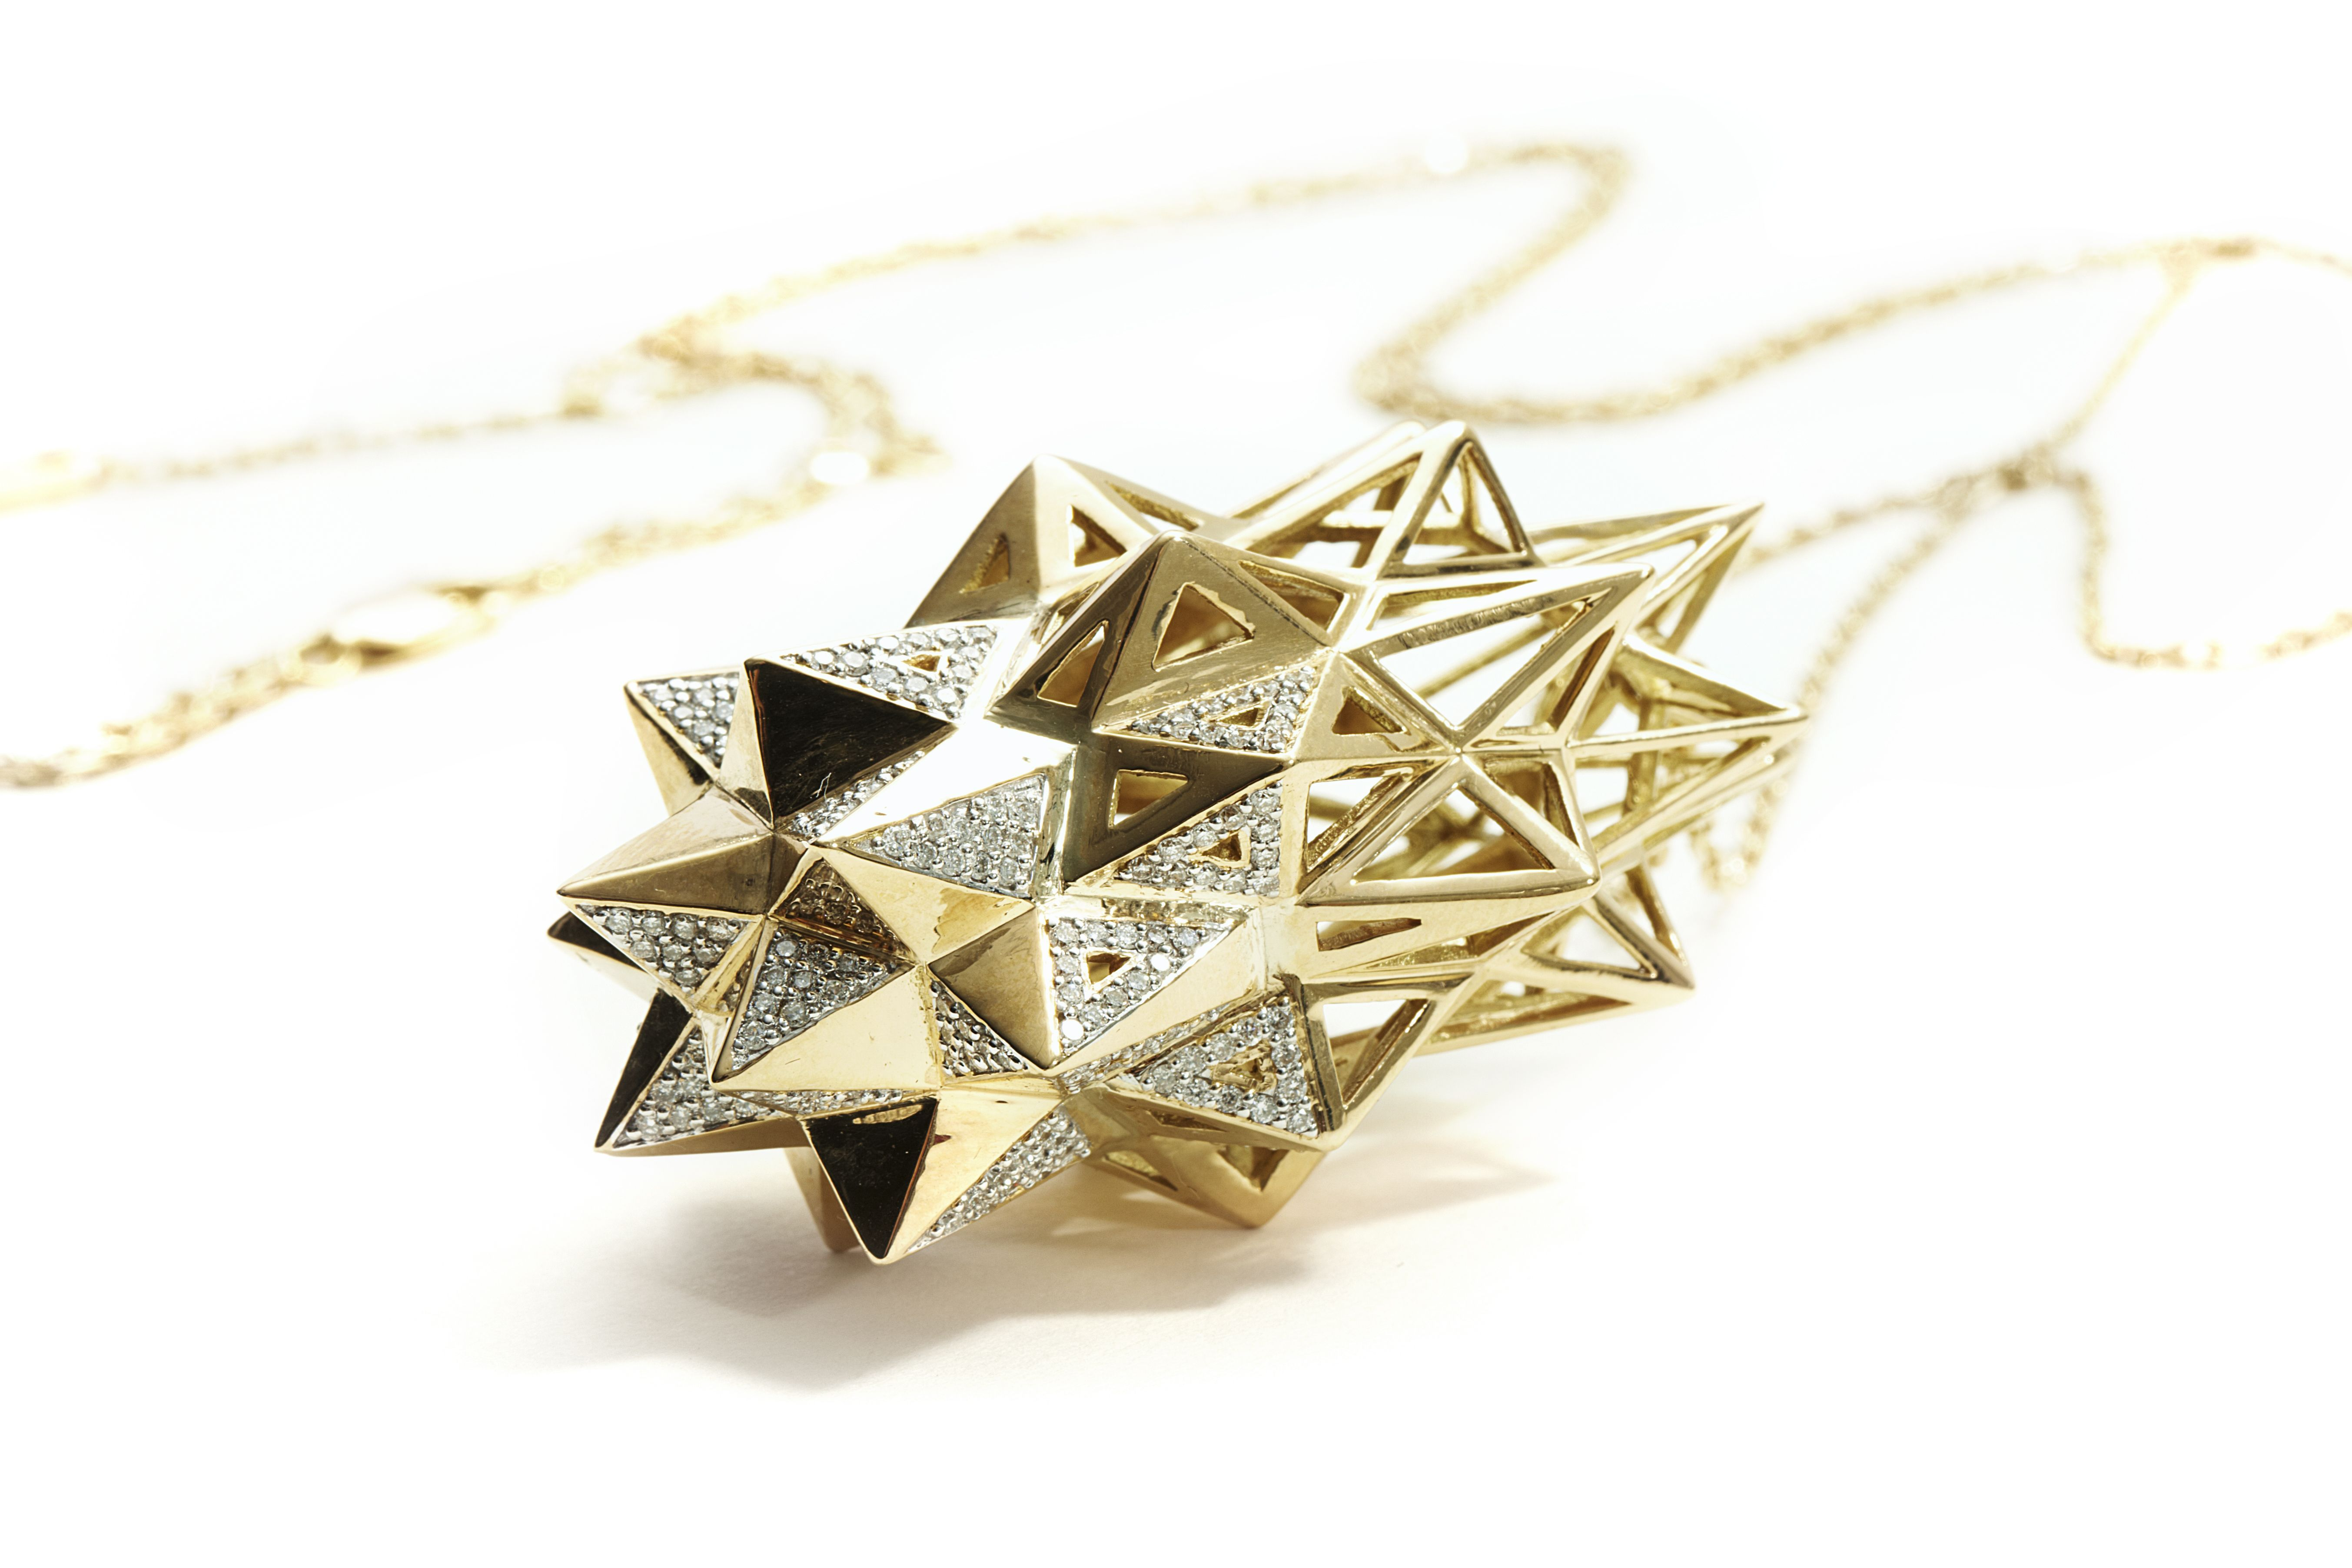 John Brevard- Stellated Star Diamond Golden Pendant